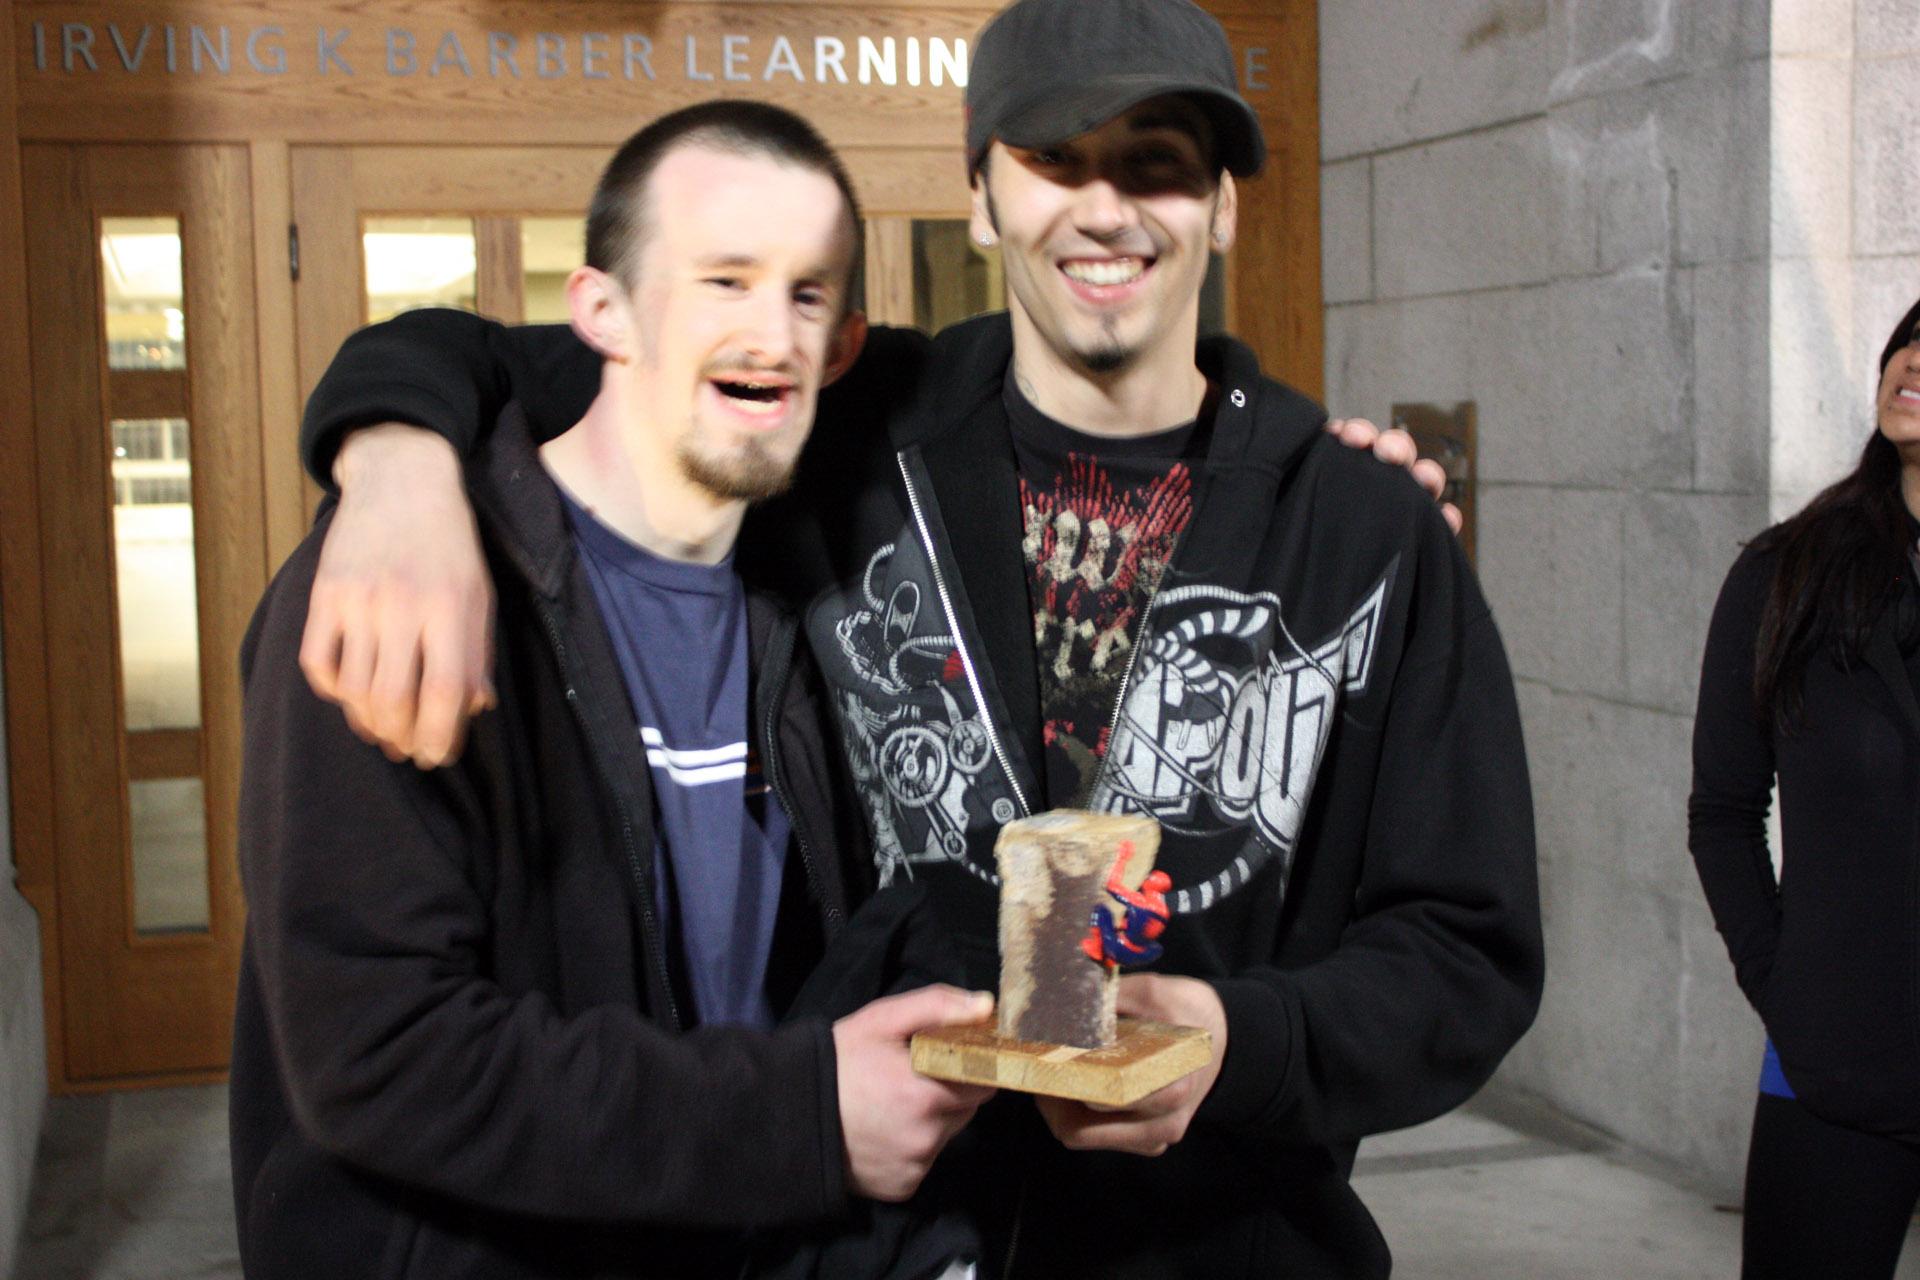 Shaun and Jan share the win.